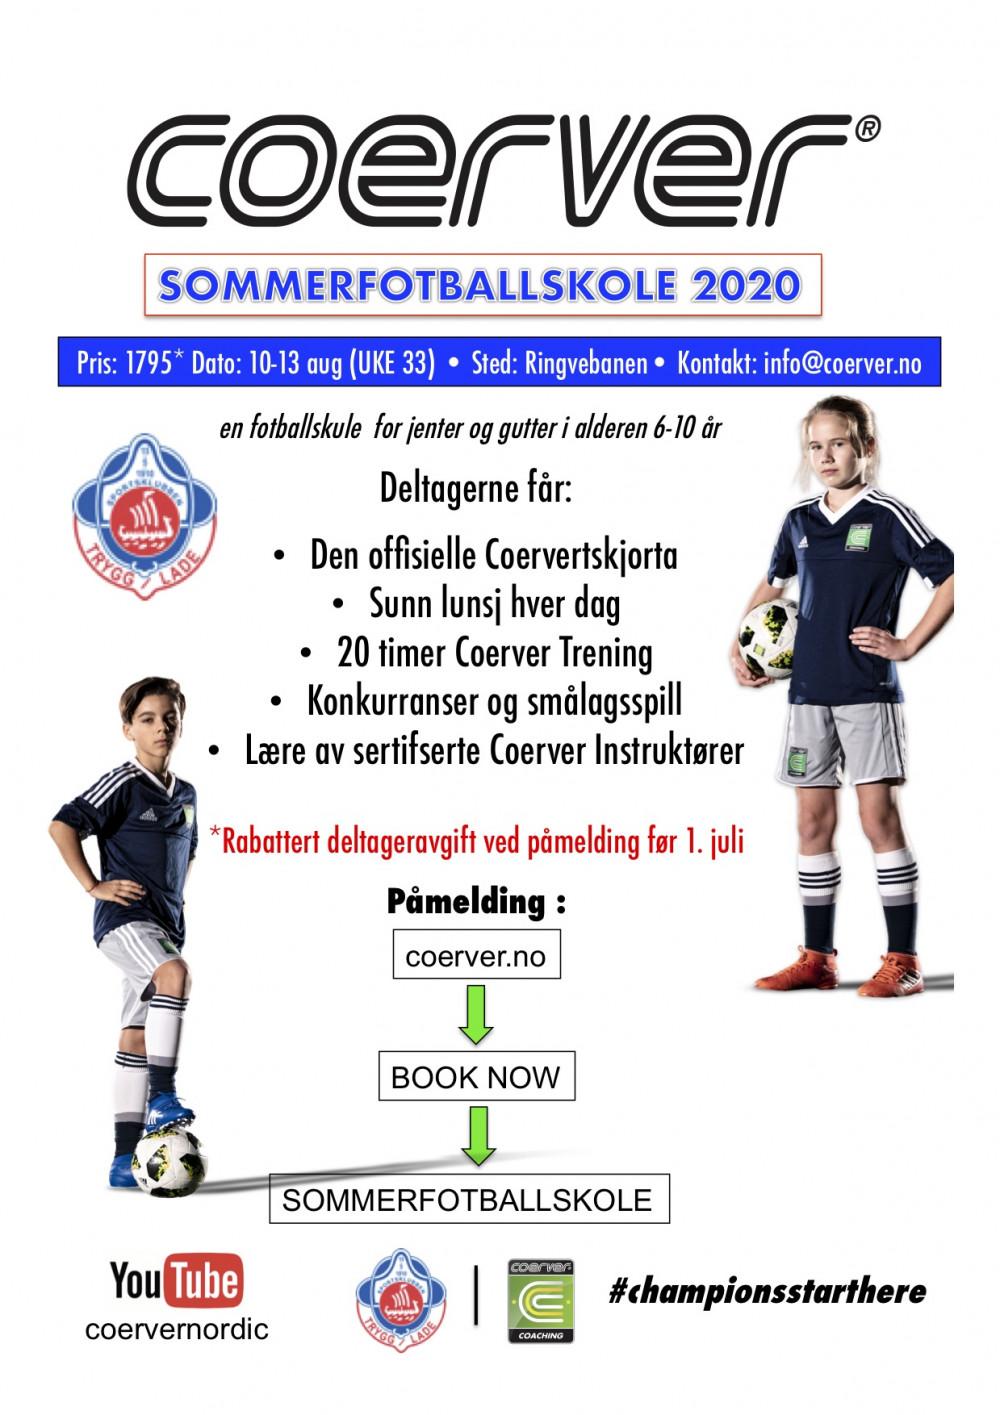 Coerver Sommerfotballskole hos Trygg Lade (UKE 33) 2010-2013